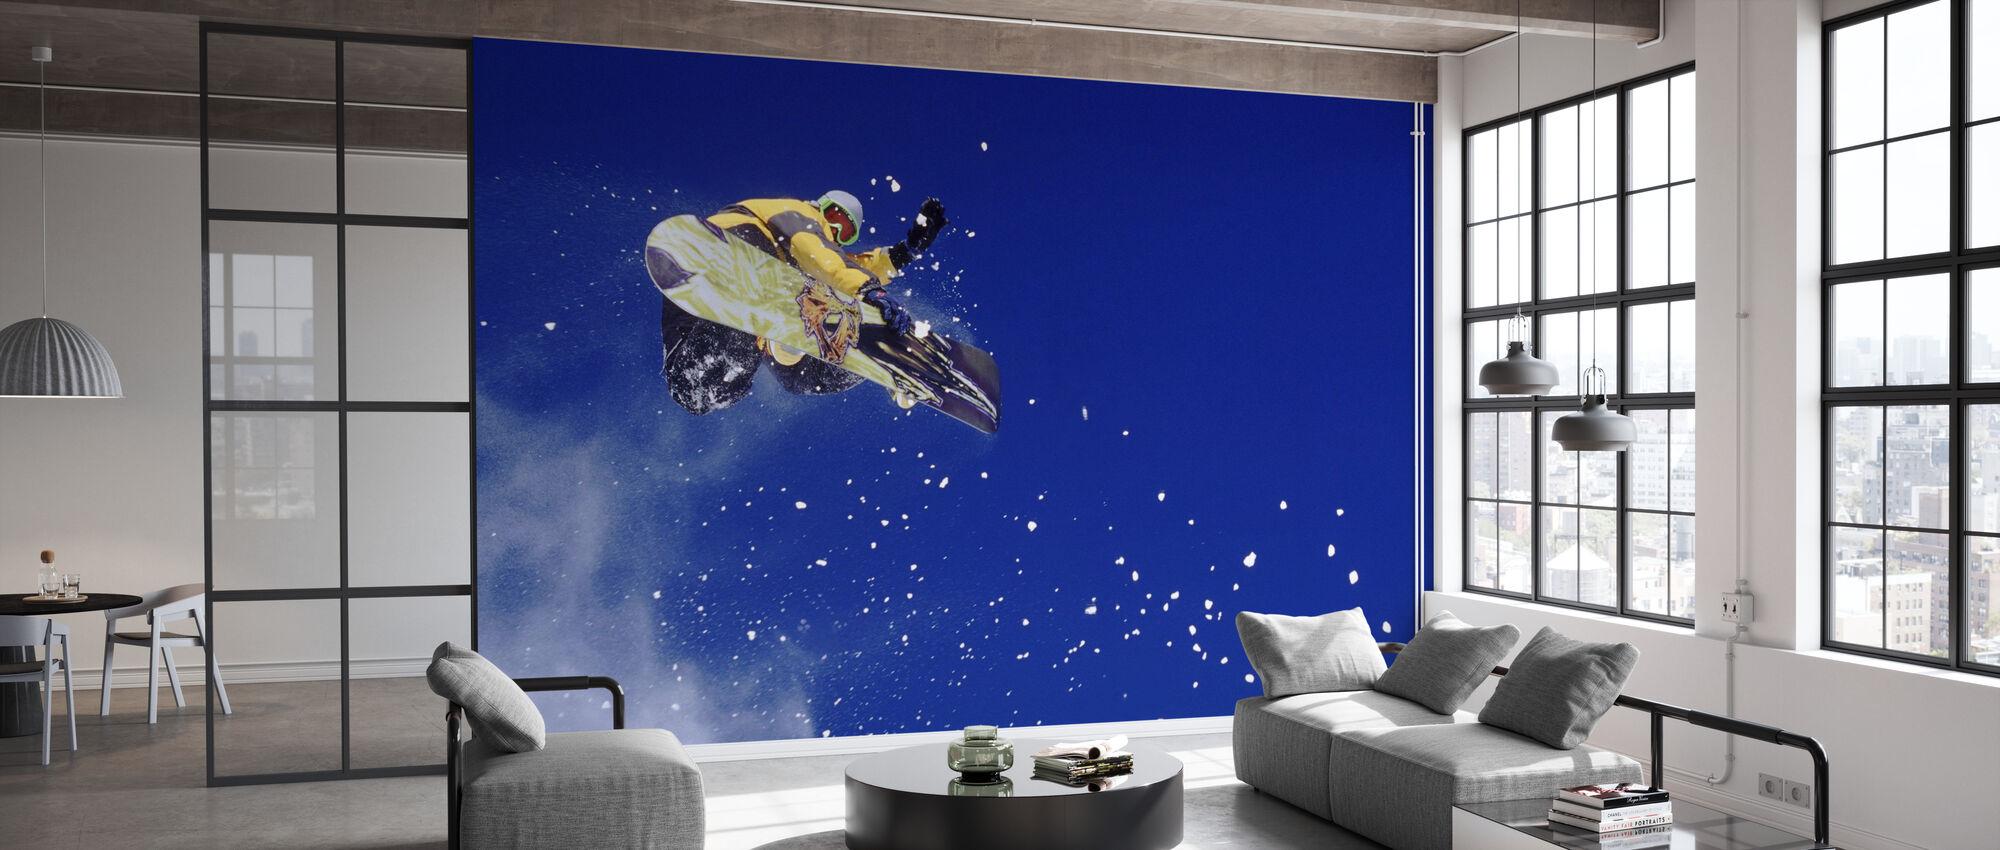 Airborne Snowboarder - Wallpaper - Office